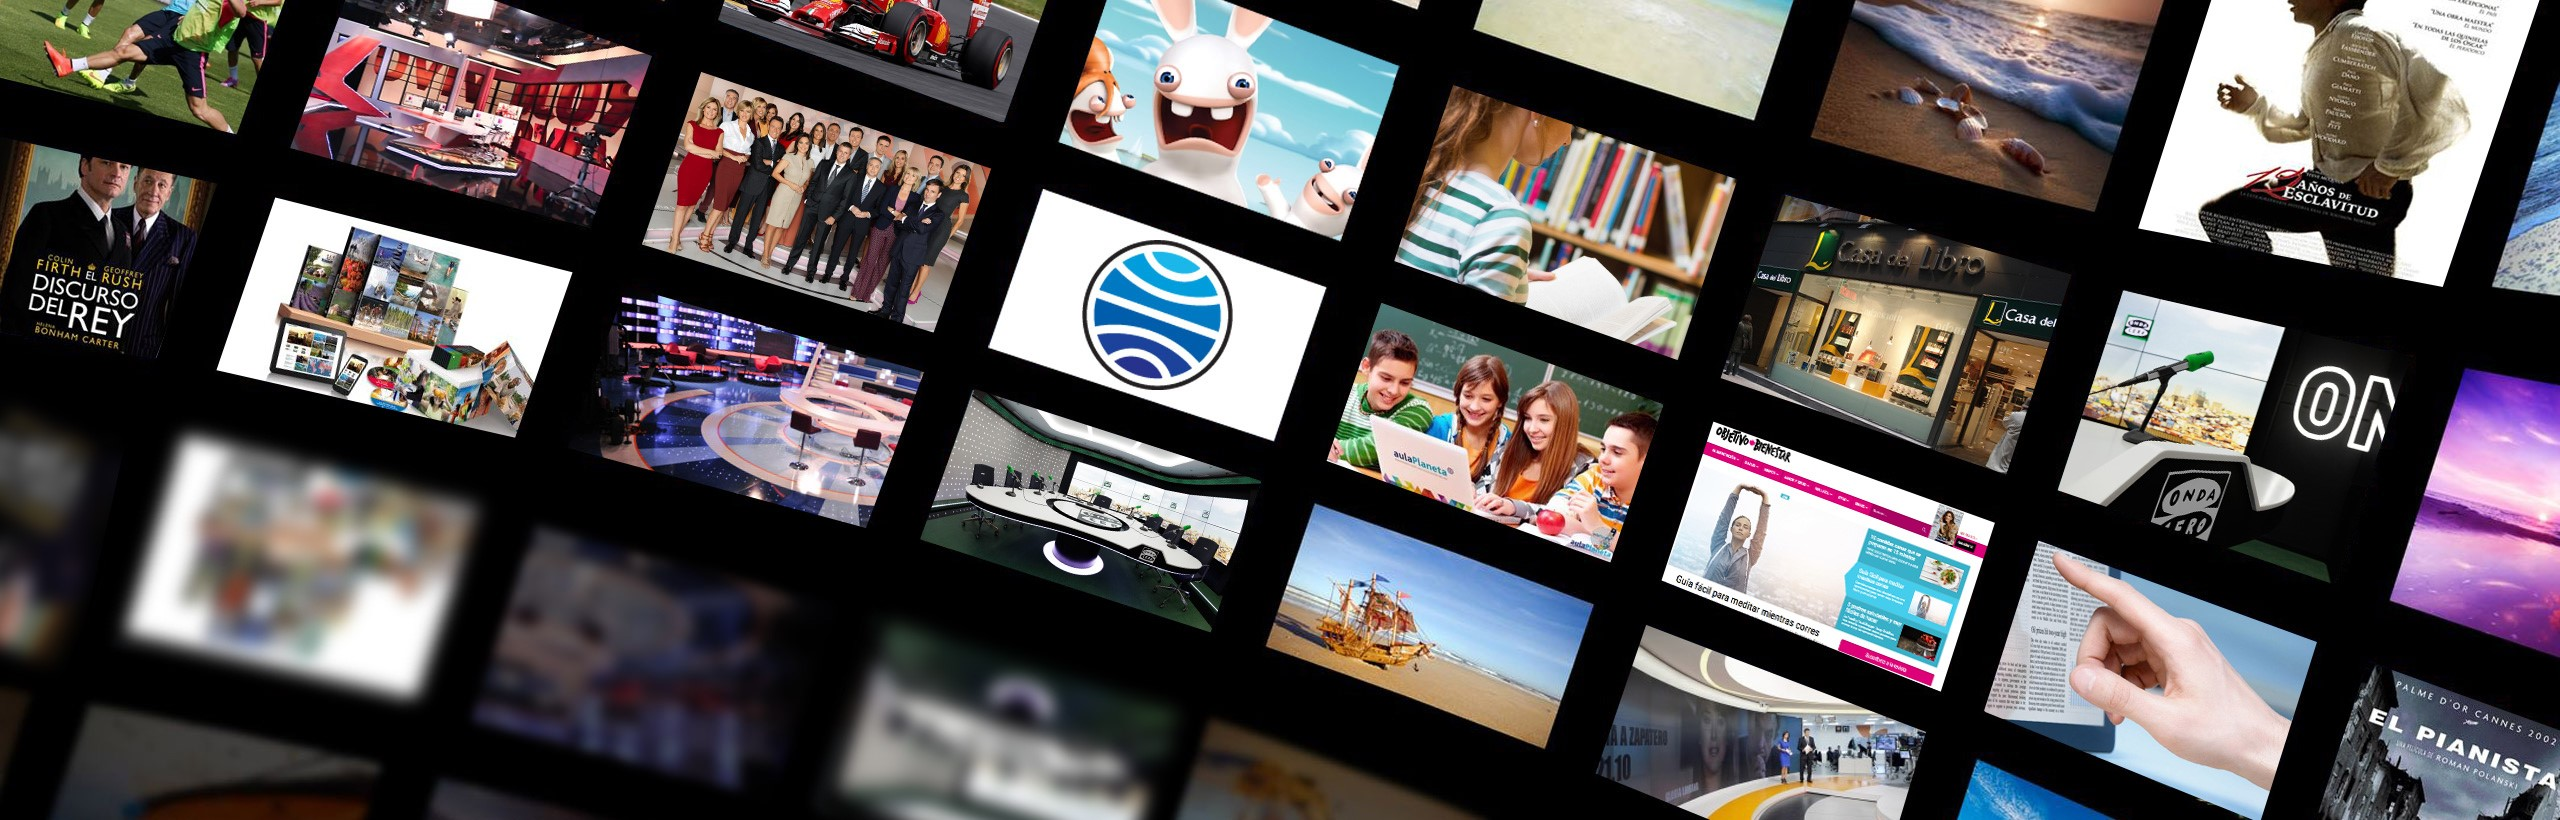 Creamos y distribuimos contenidosculturales, informativos, formativos y de entretenimiento audiovisual.